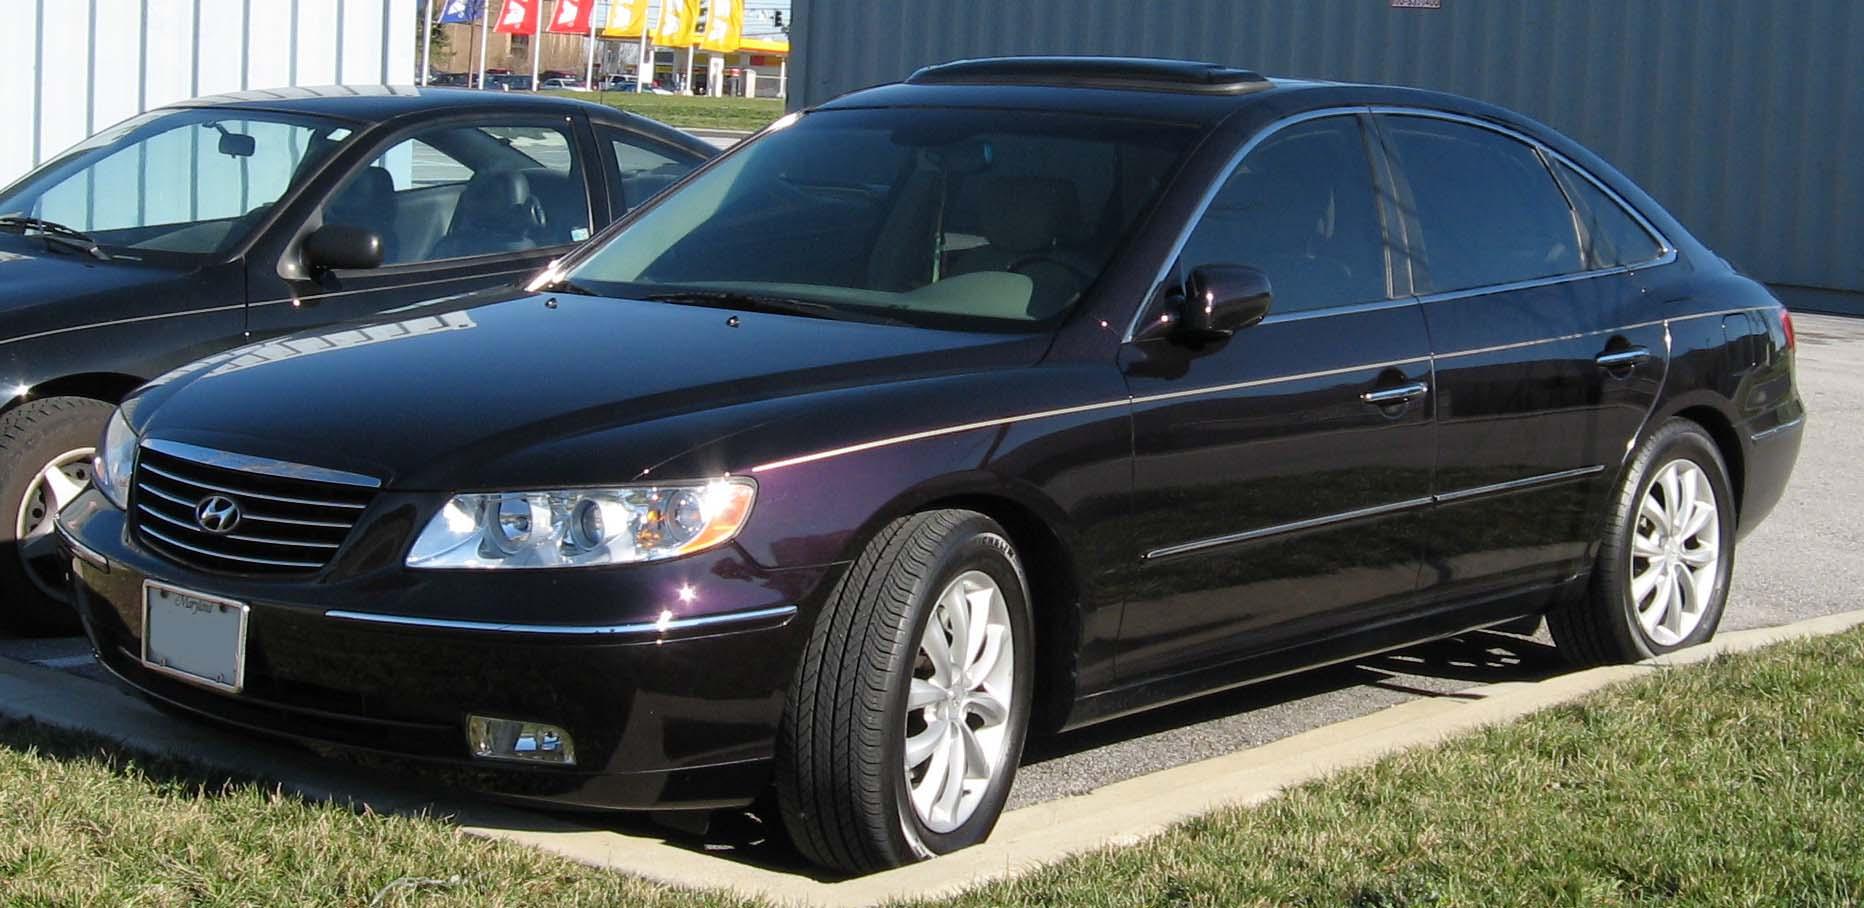 2006 Hyundai Azera Image 12